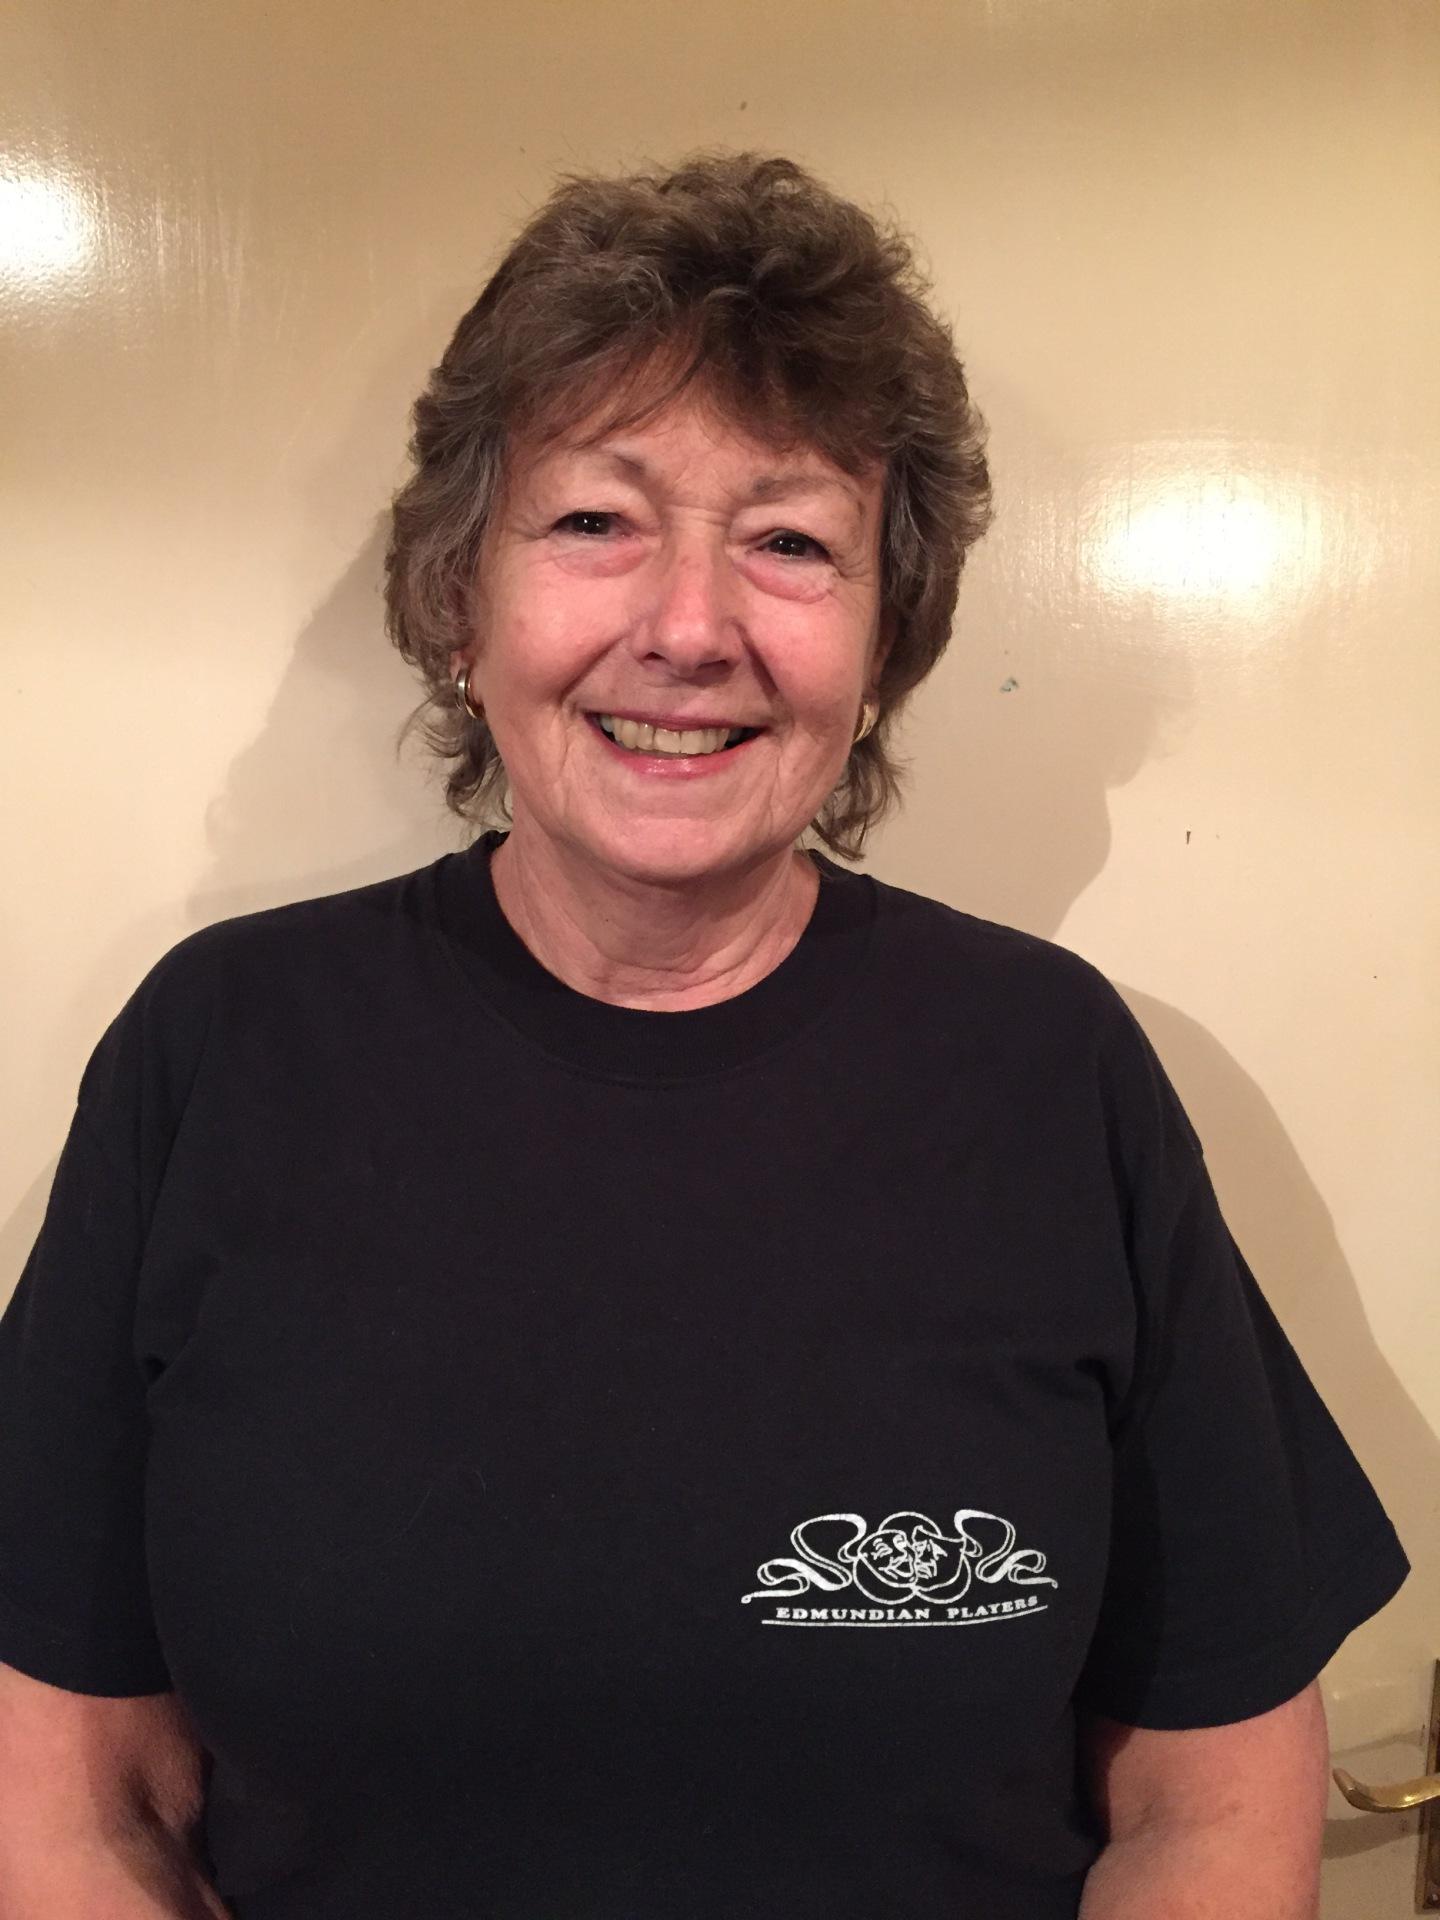 Angela Turner - Secretary